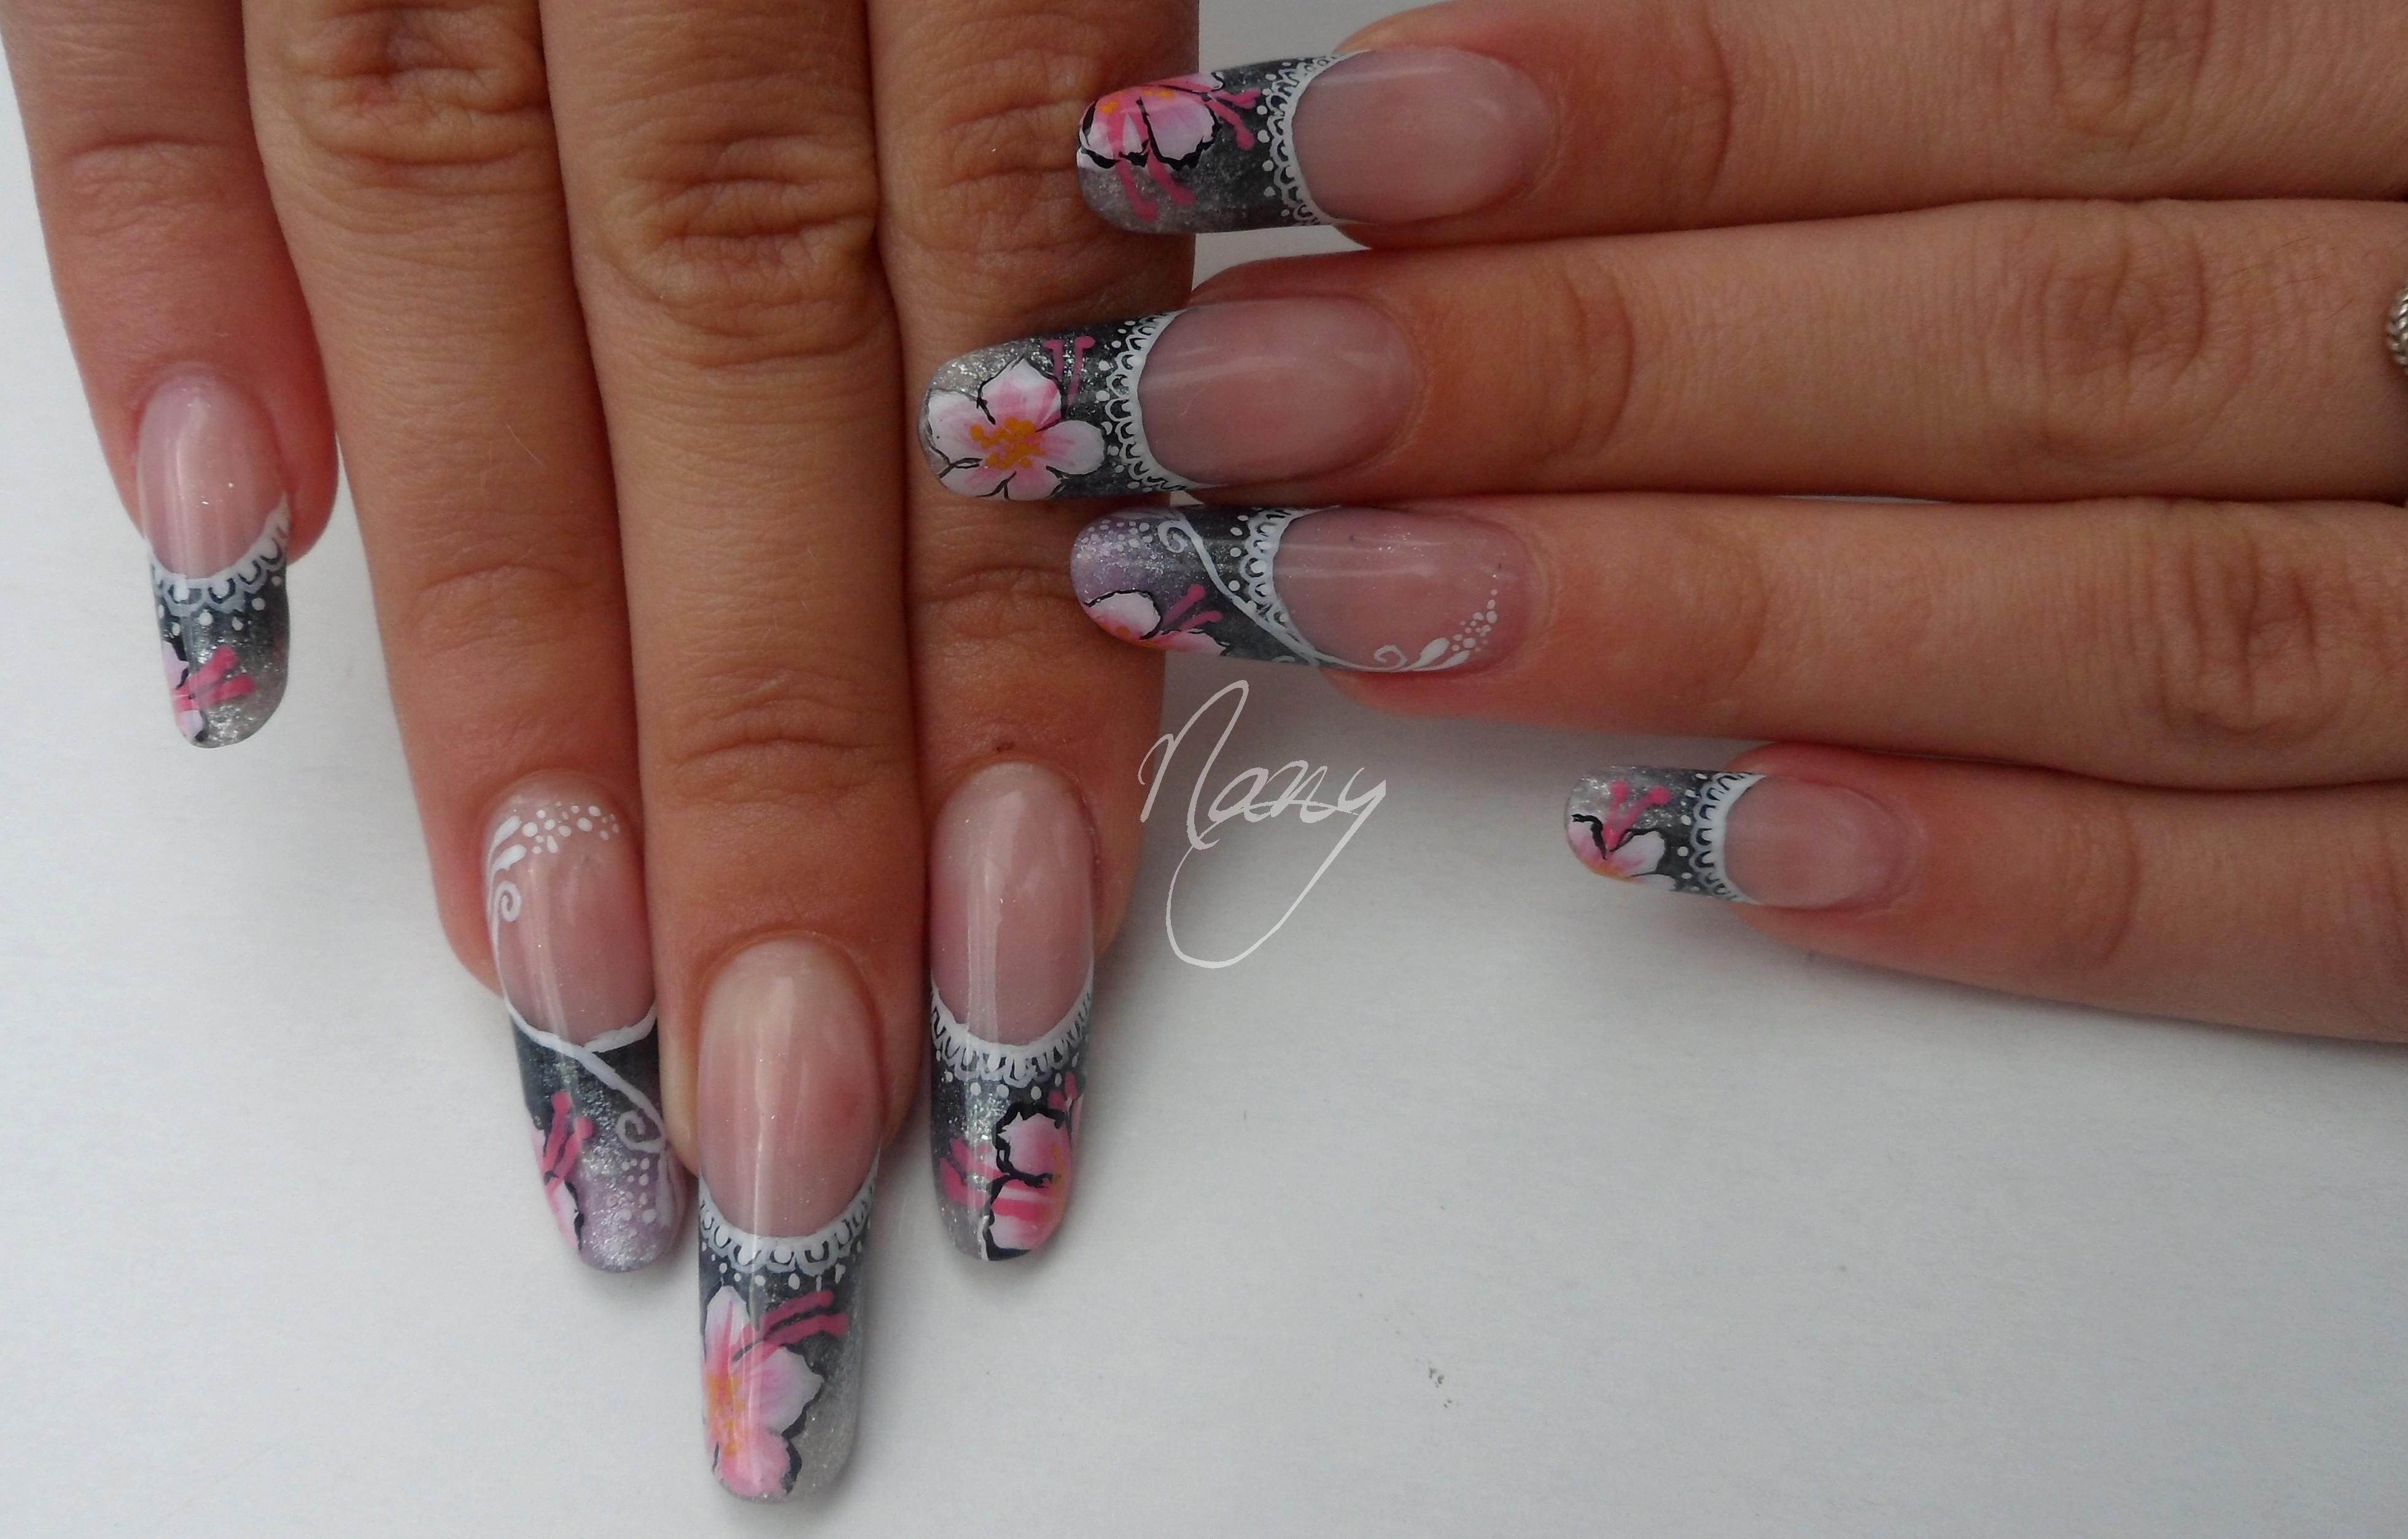 Pose de salon les ongles de nany for Ongles salon